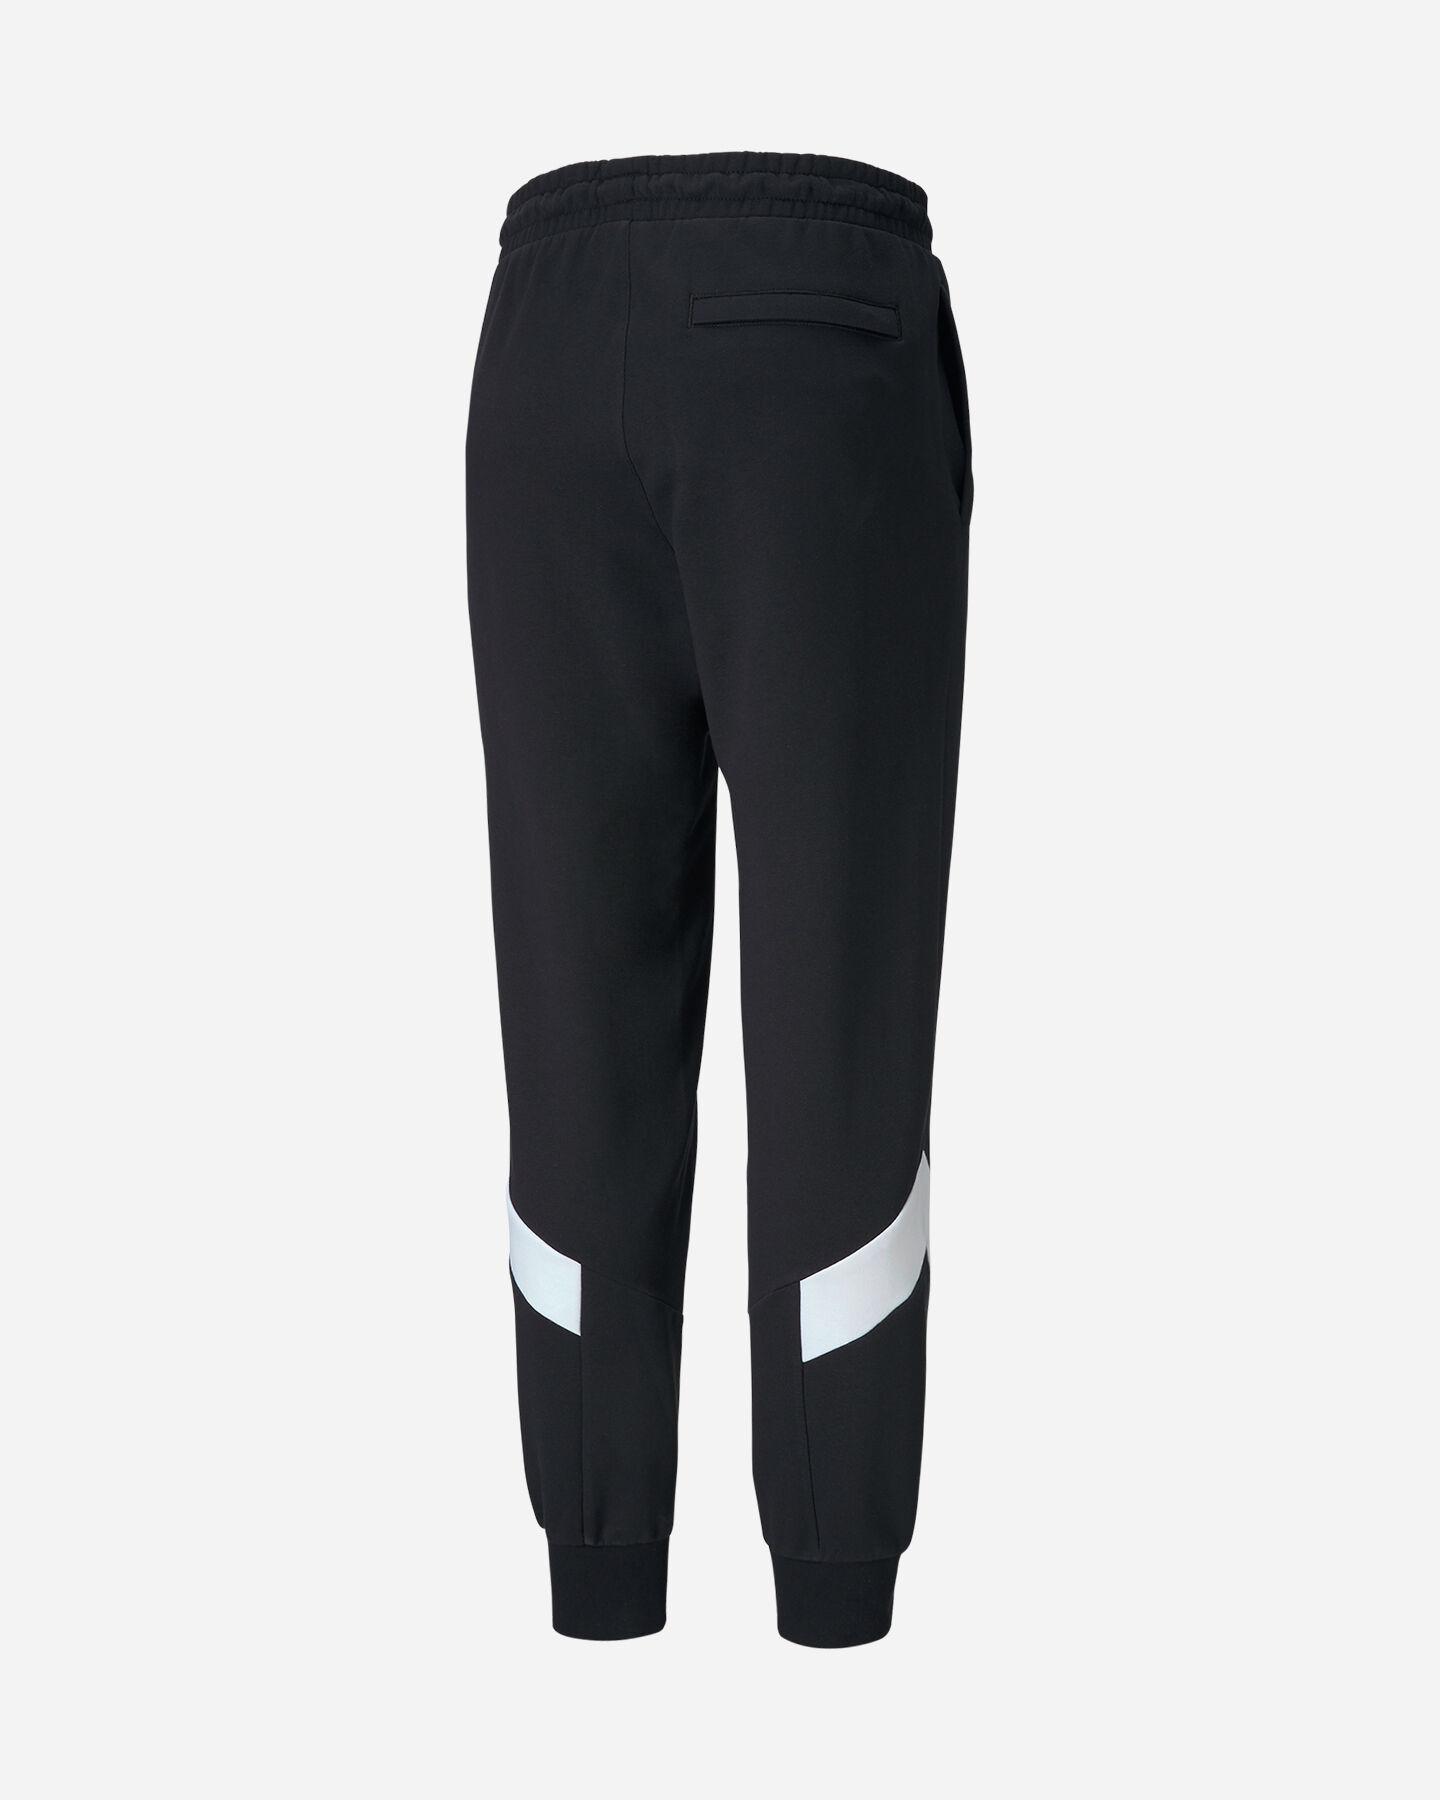 Pantalone PUMA RALPH SAMPSON M S5172830 scatto 1